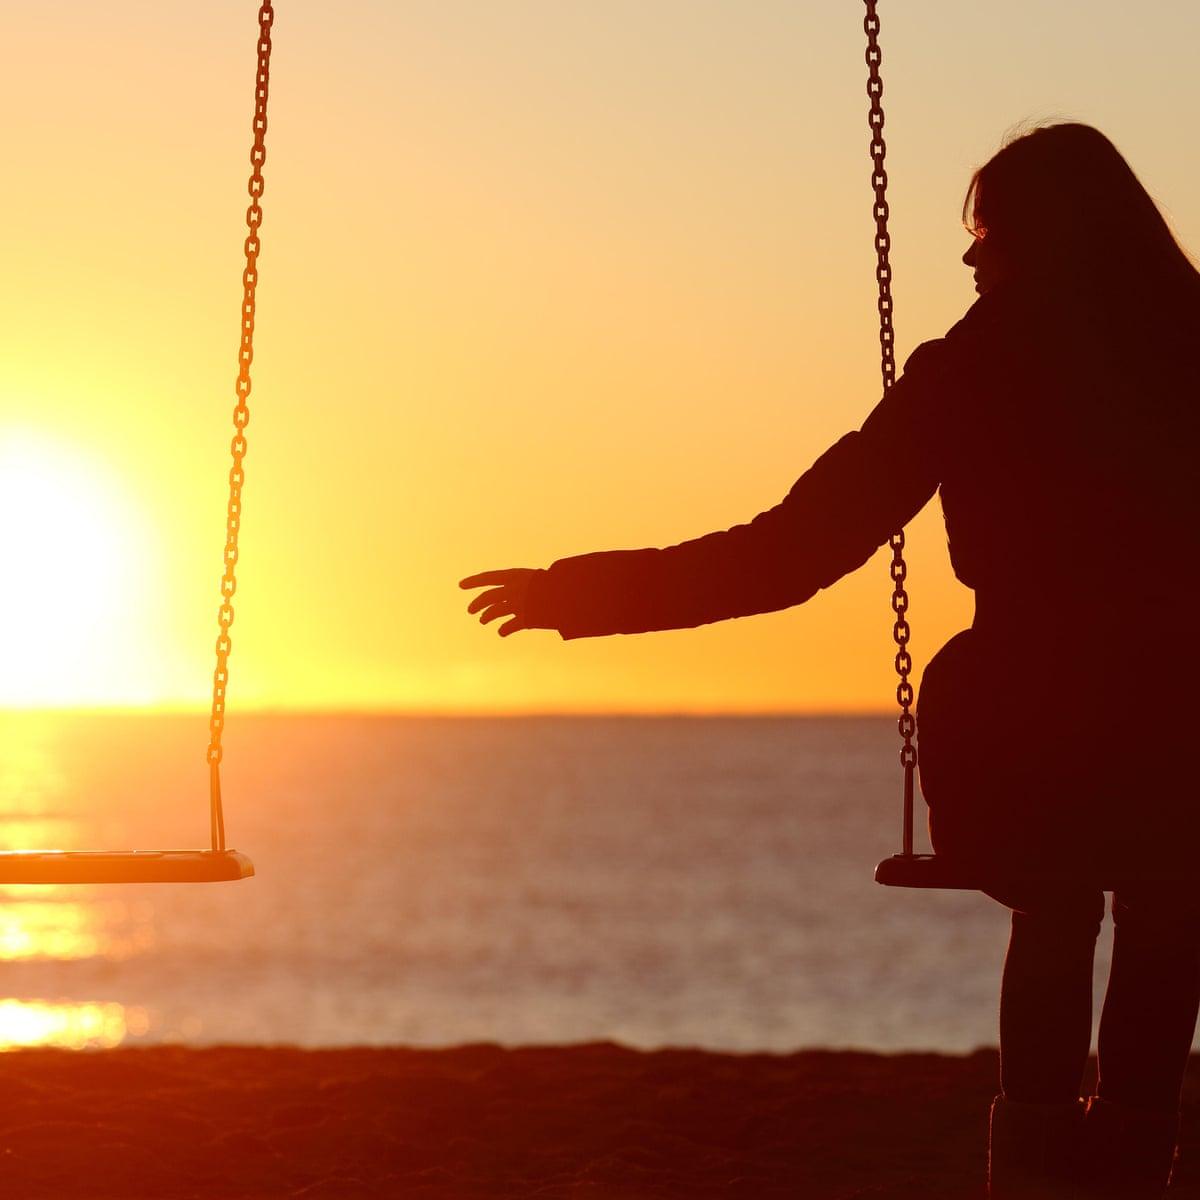 غلبه بر تنهایی